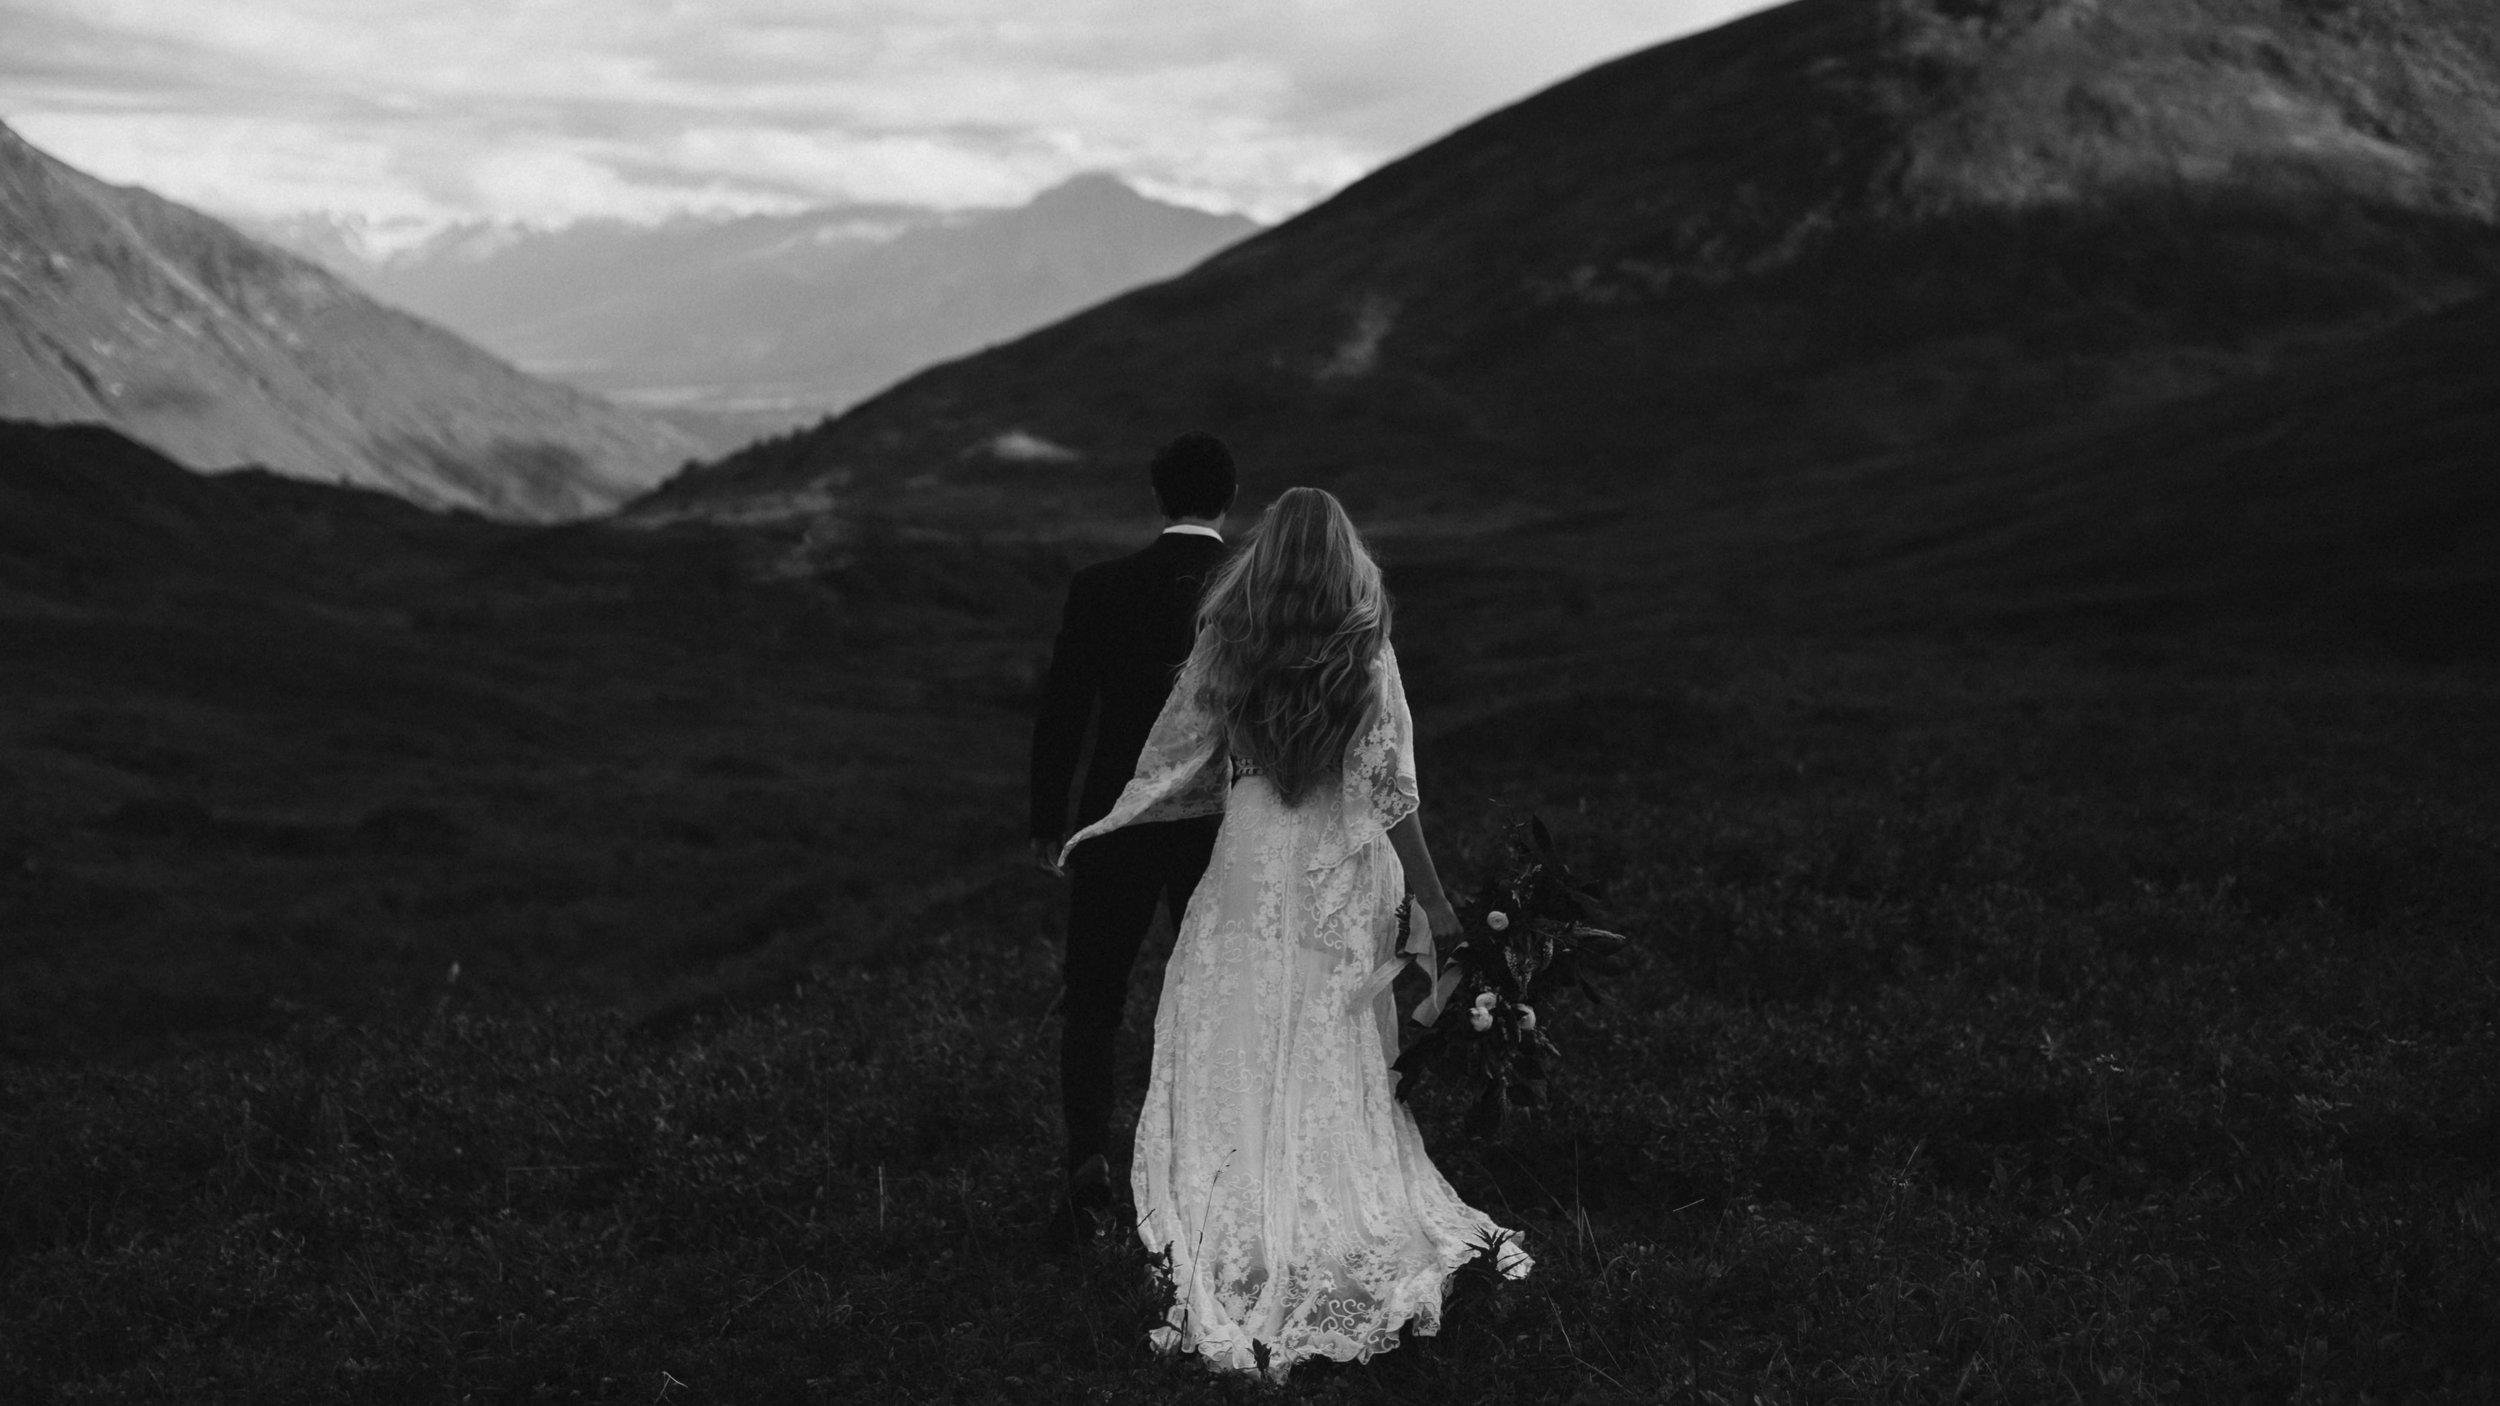 ariel-lynn-alaska-elopement-mountain-inspiration-19.jpg